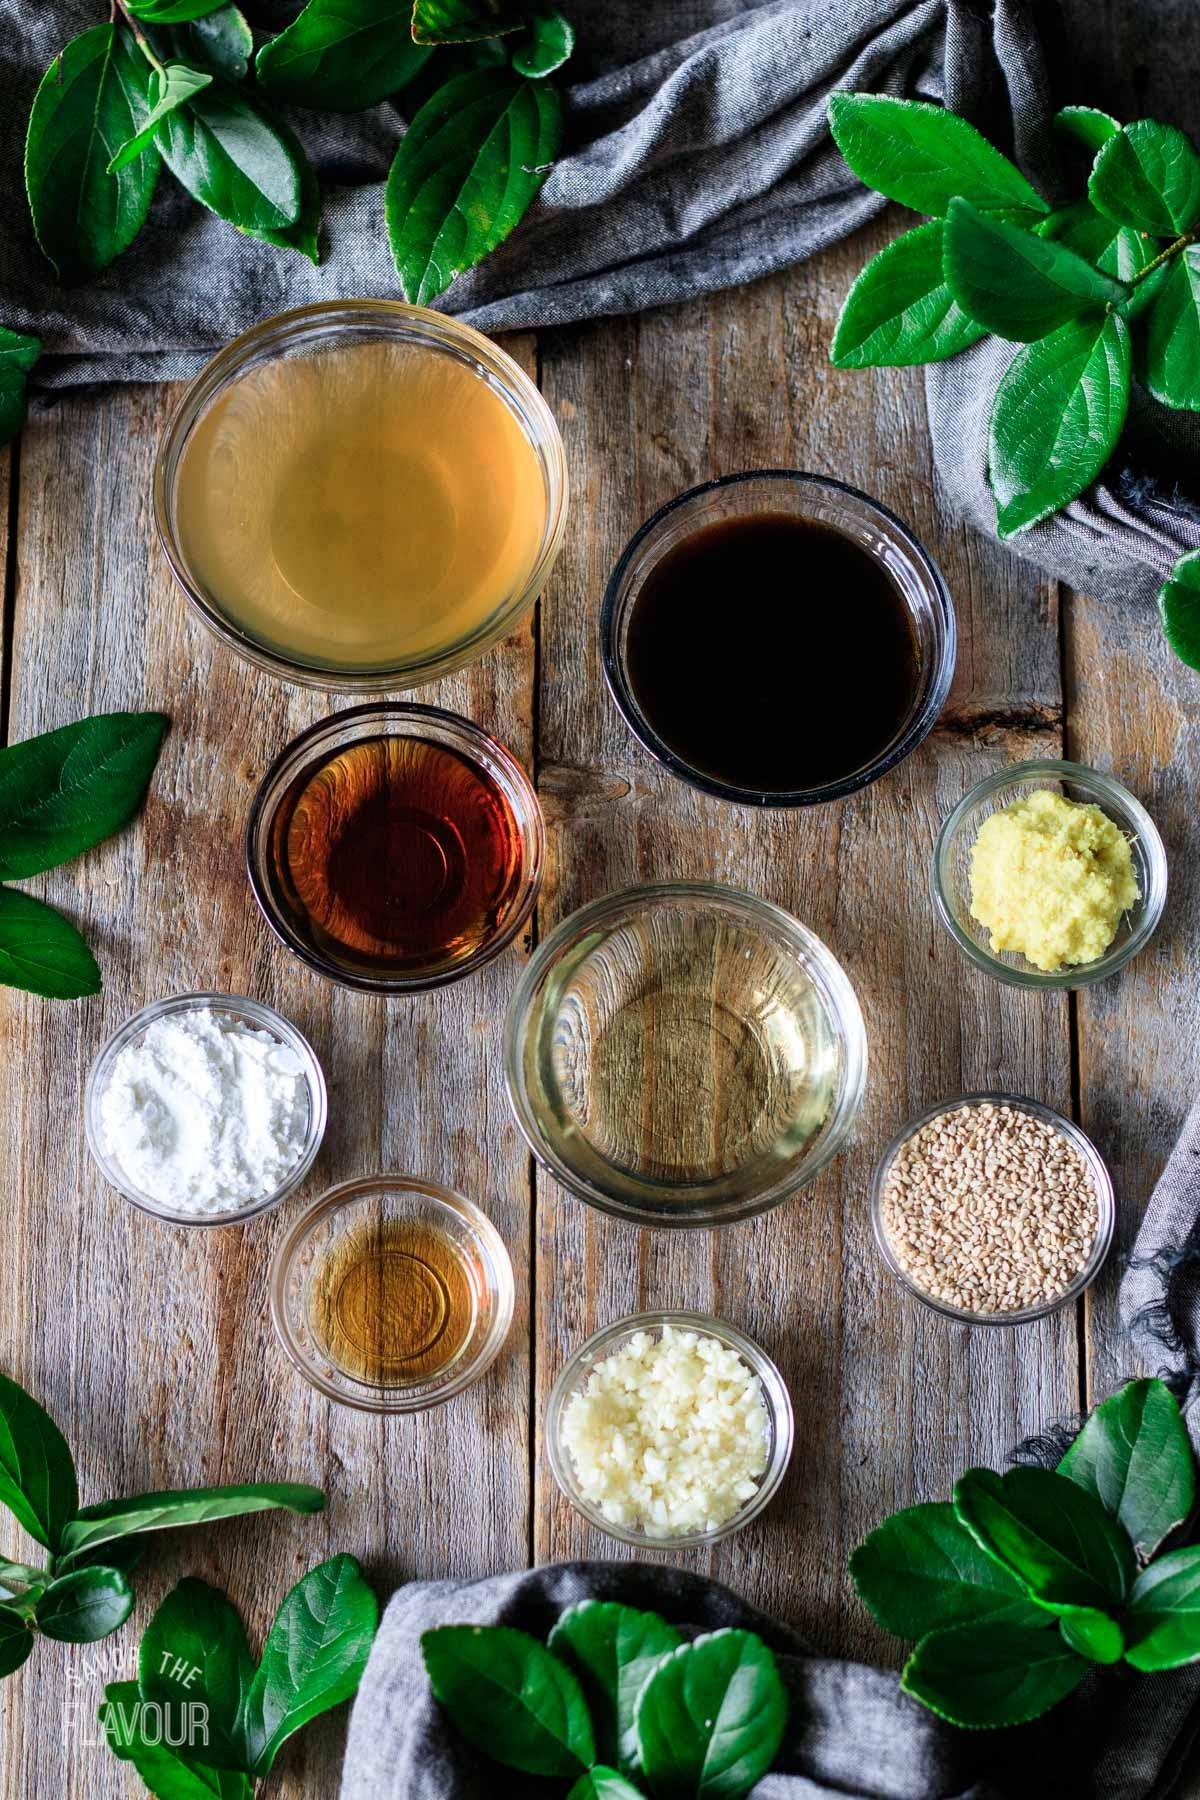 bowls of ingredients for vegan stir fry sauce